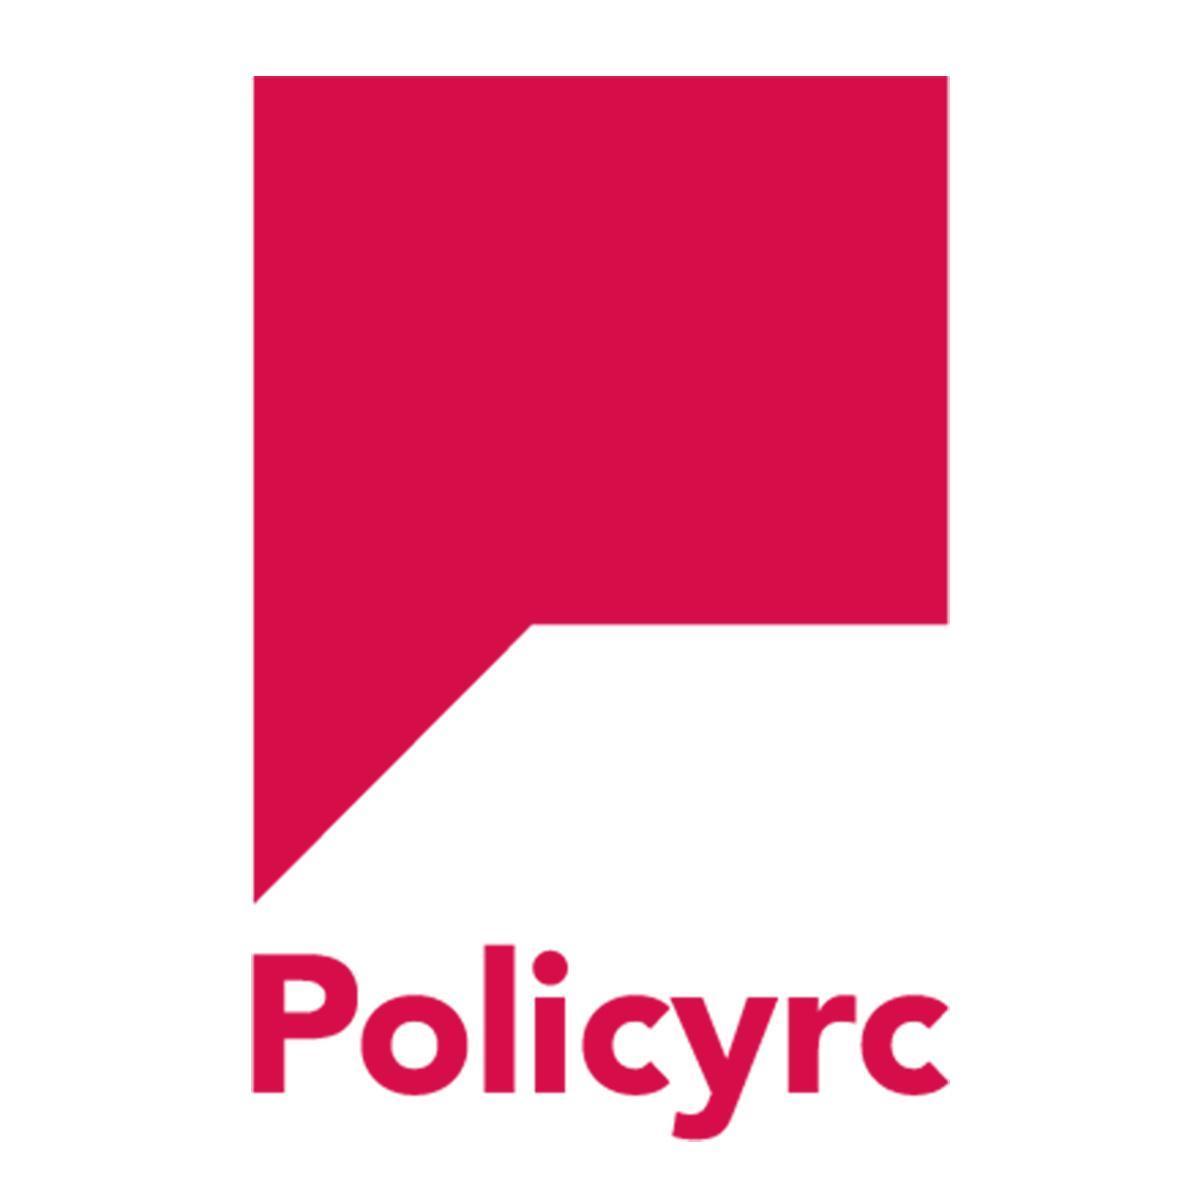 @policyrc